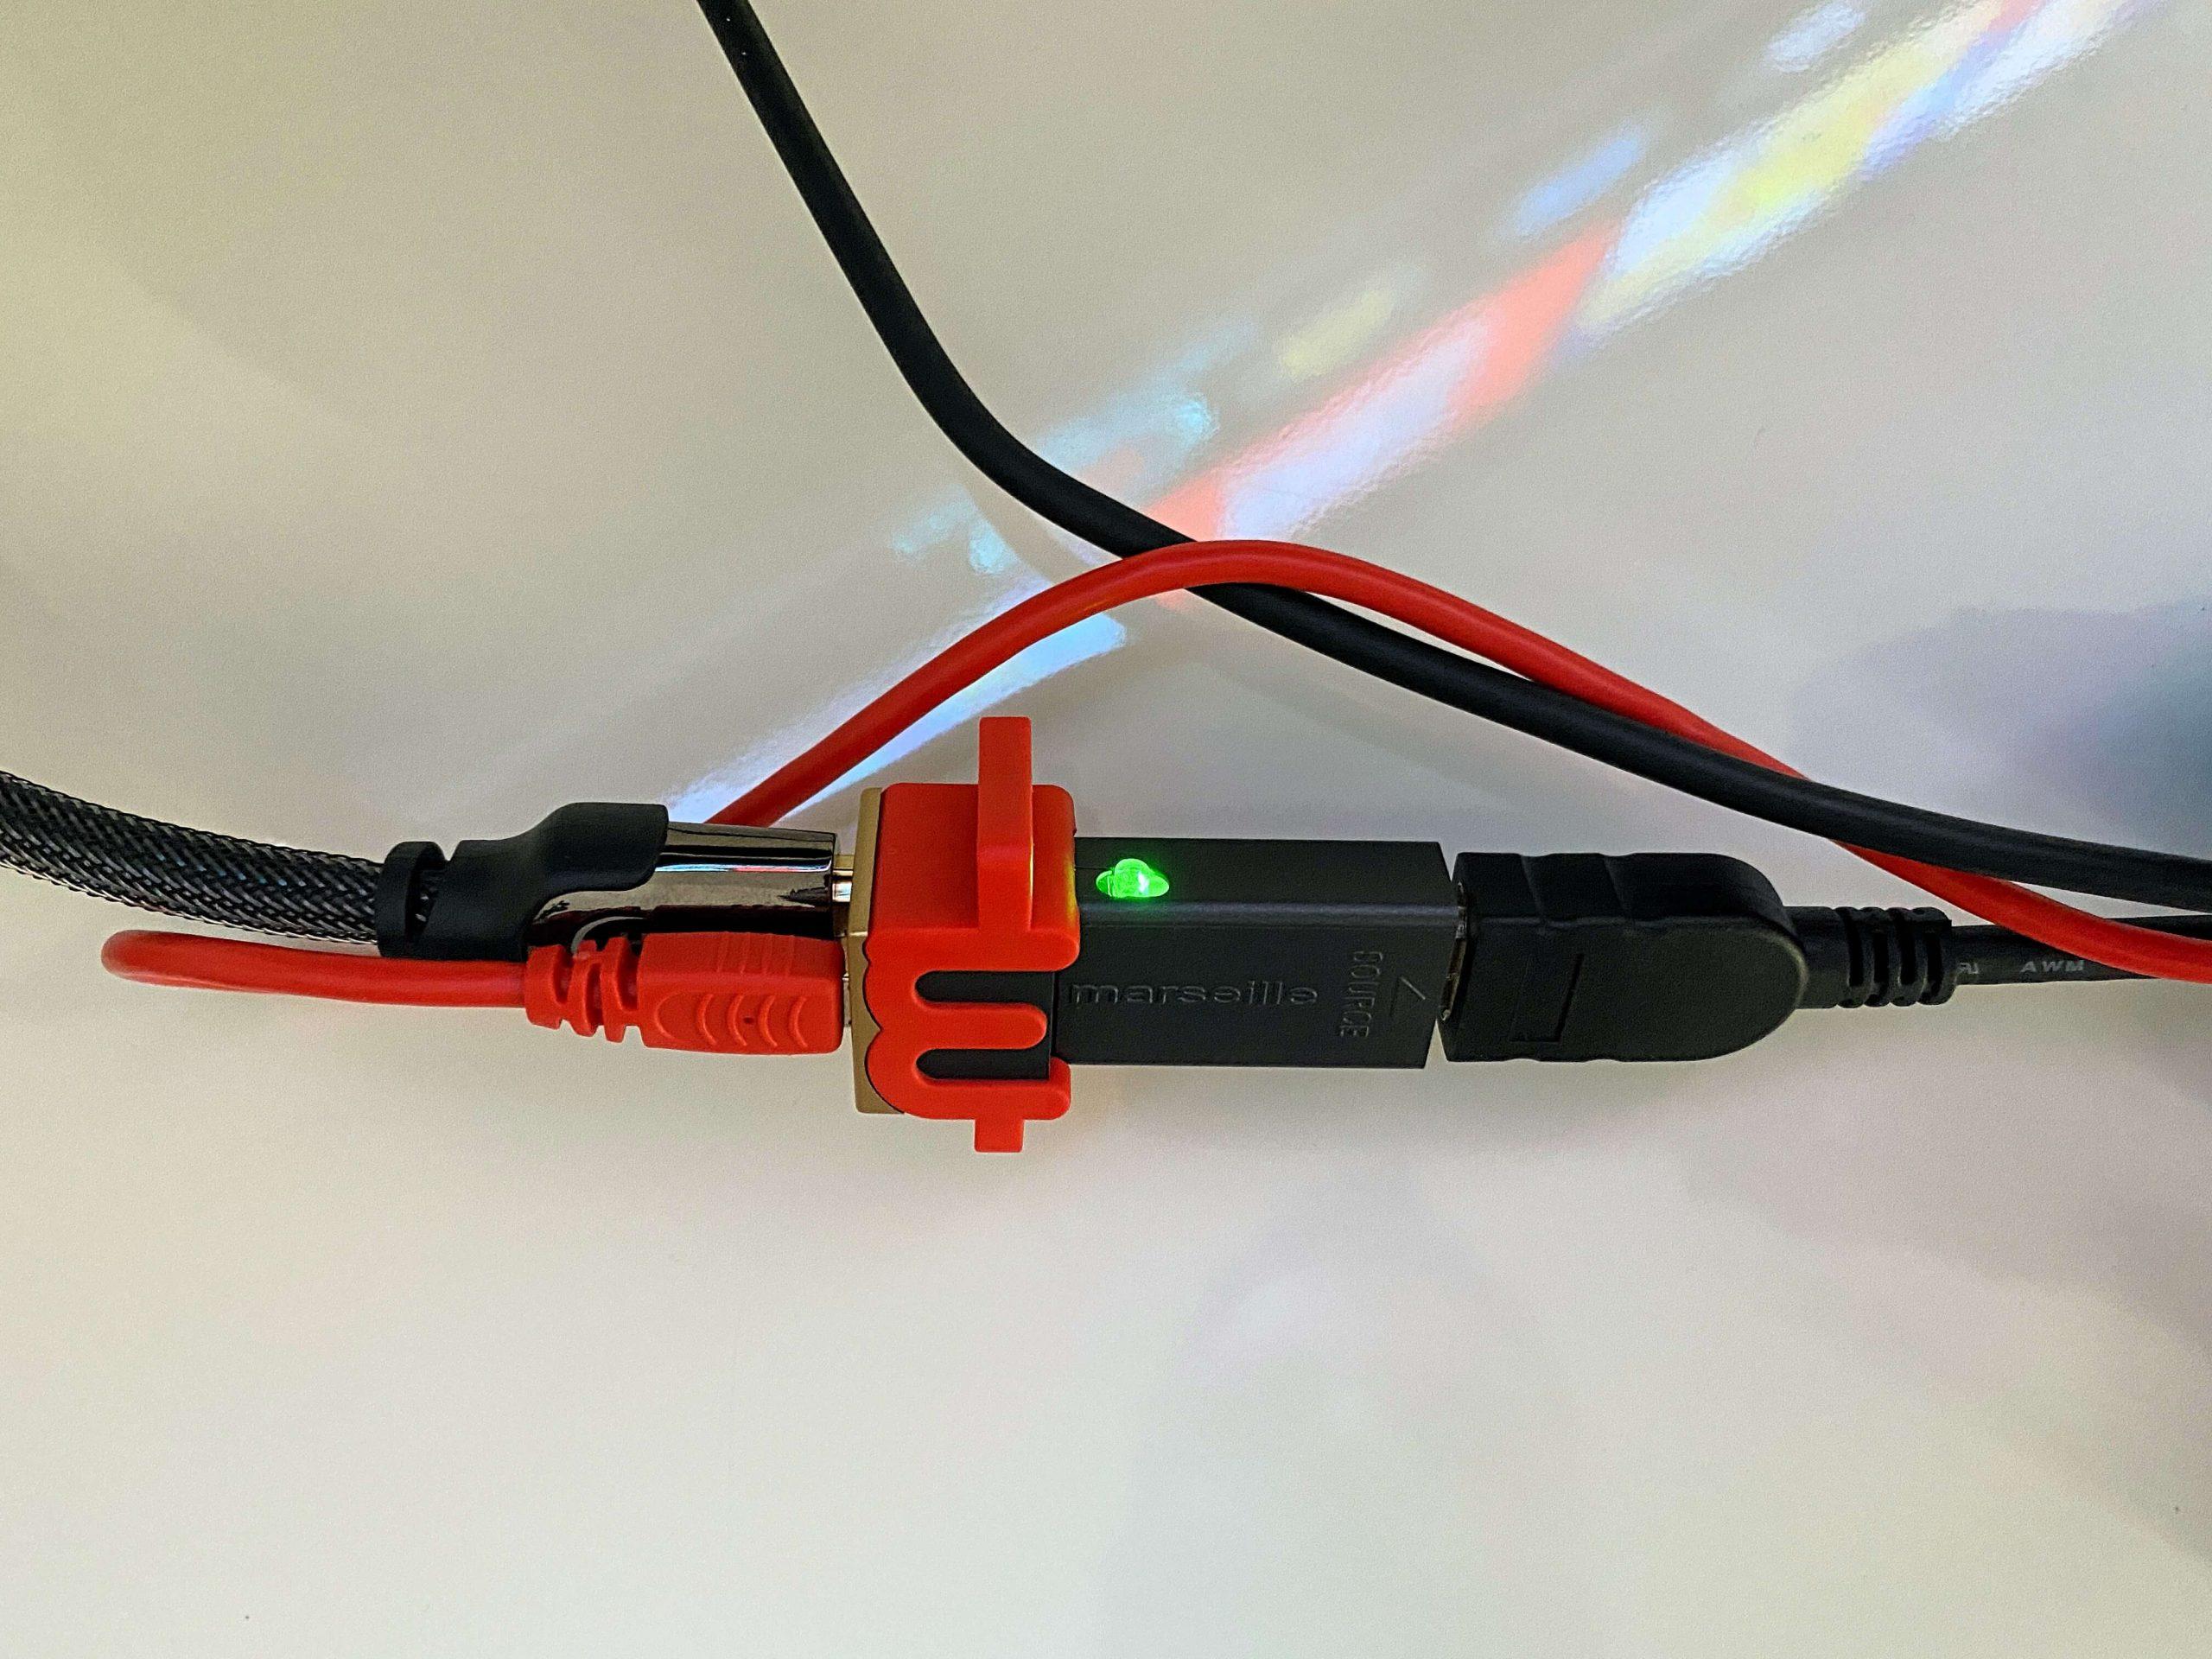 mClassic-HDMI-Upscaler-von-Marseille-mit-der-Nintendo-Switch-in-1440p-zocken5-scaled mClassic von Marseille - mit der Nintendo Switch in 1440p statt 1080p zocken